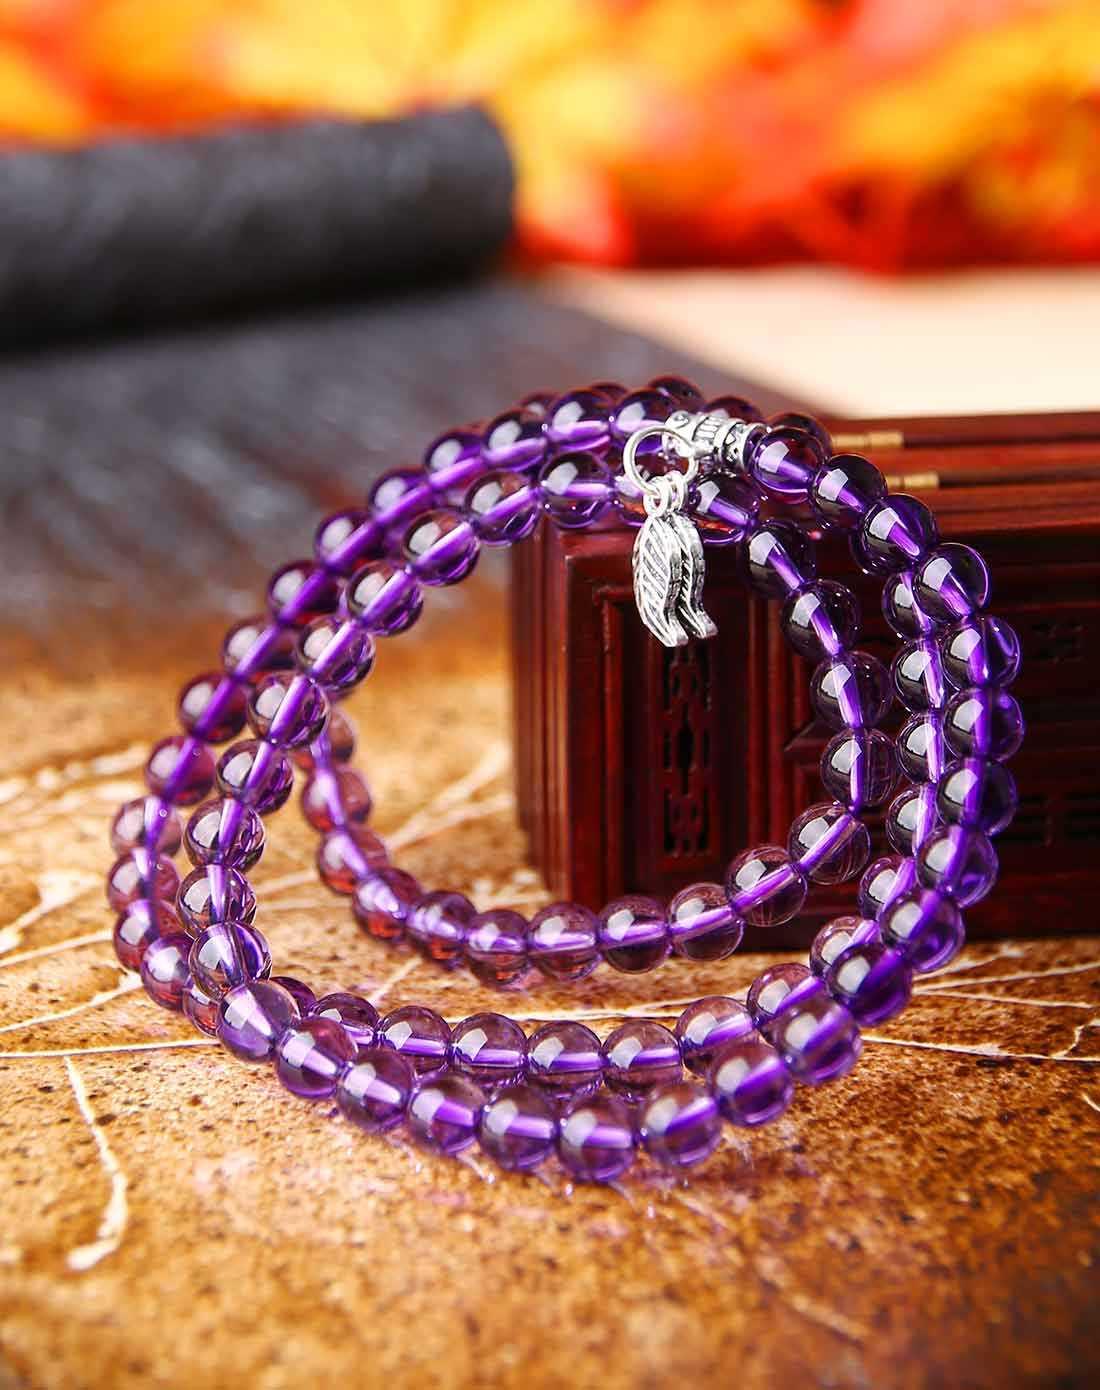 紫水晶价格多少钱?紫水晶手链多少钱能买到?